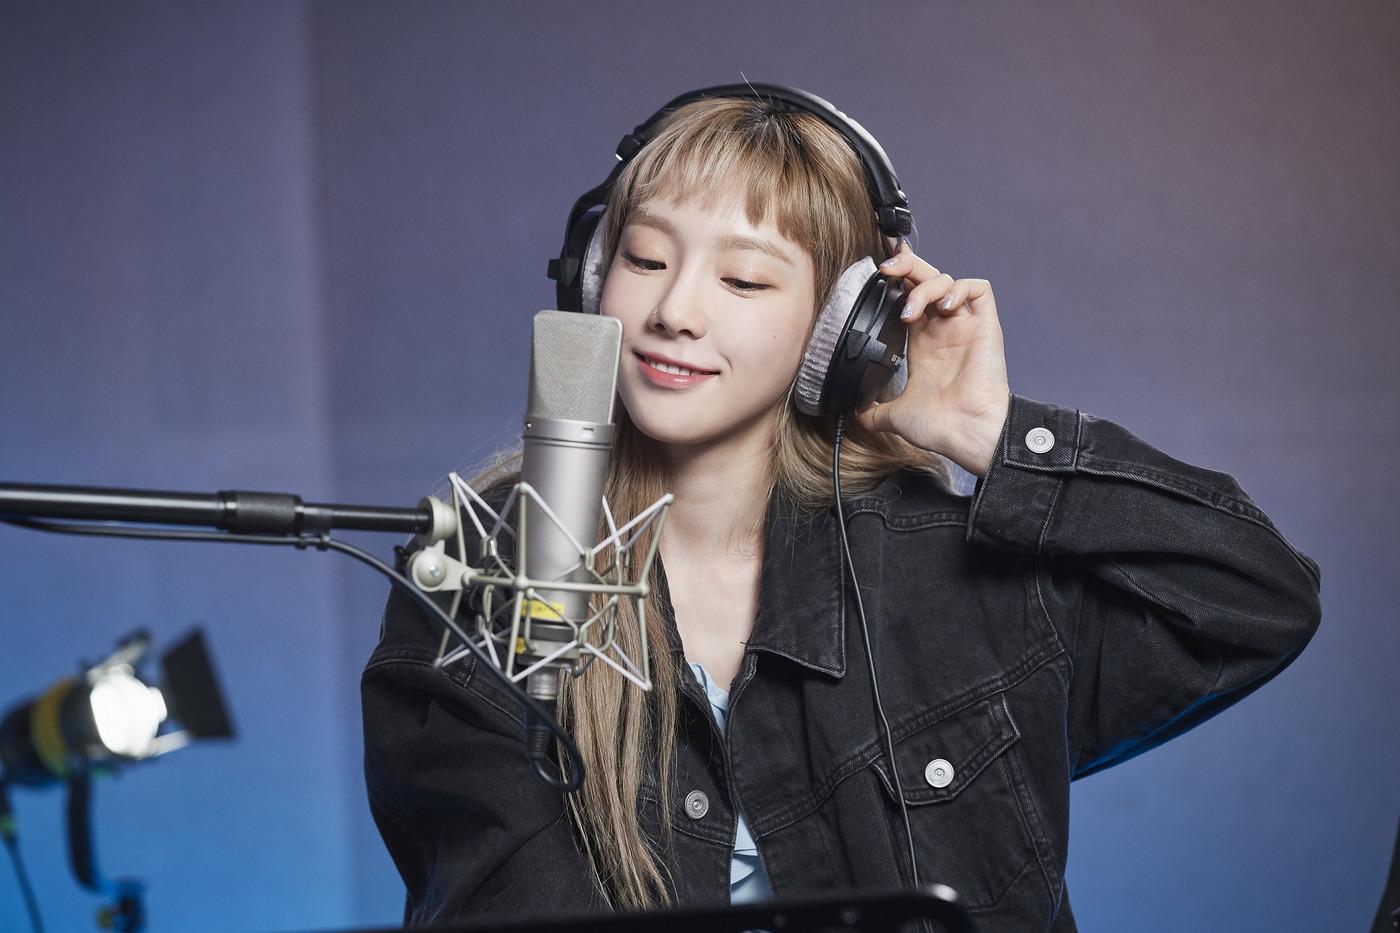 泰妍《冰雪奇緣2》韓版主題曲MV預告公開 今晚6時正式發表音源